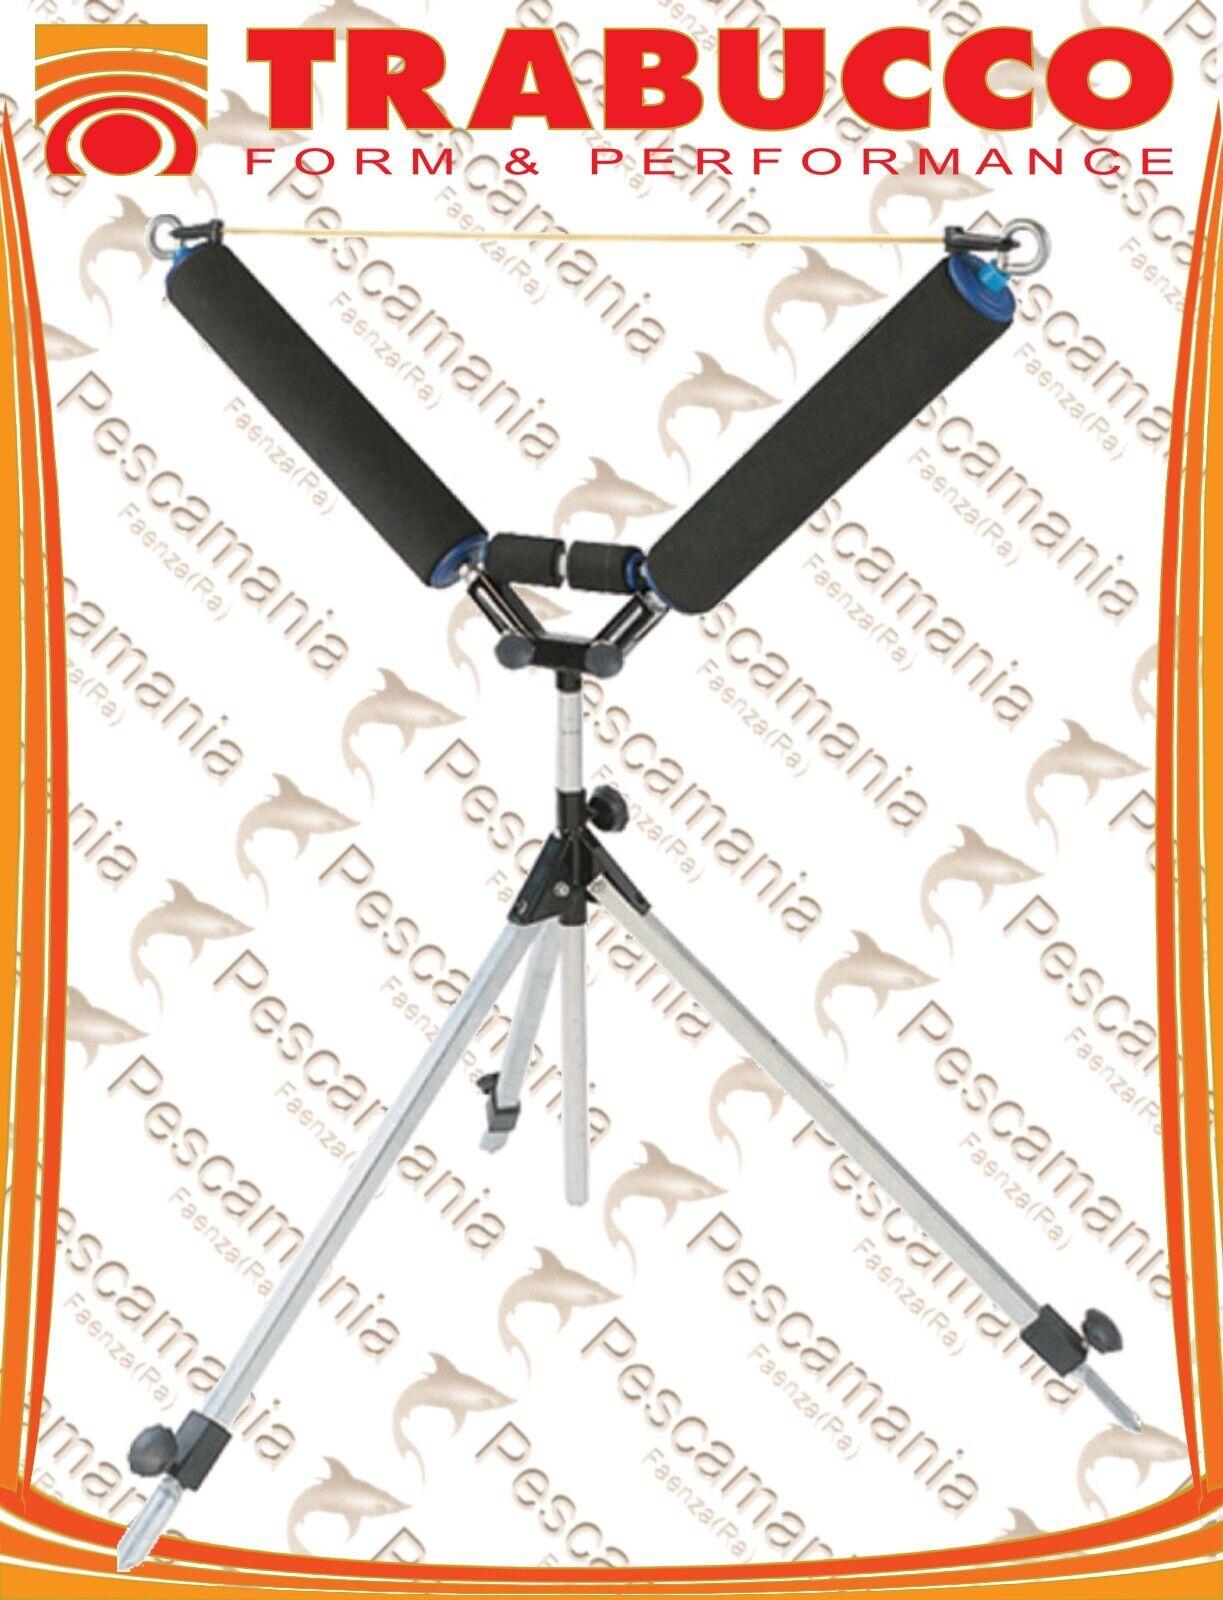 Rullo roubaisienne Trabucco Tripod Roller telescopico doppio rullino centrale